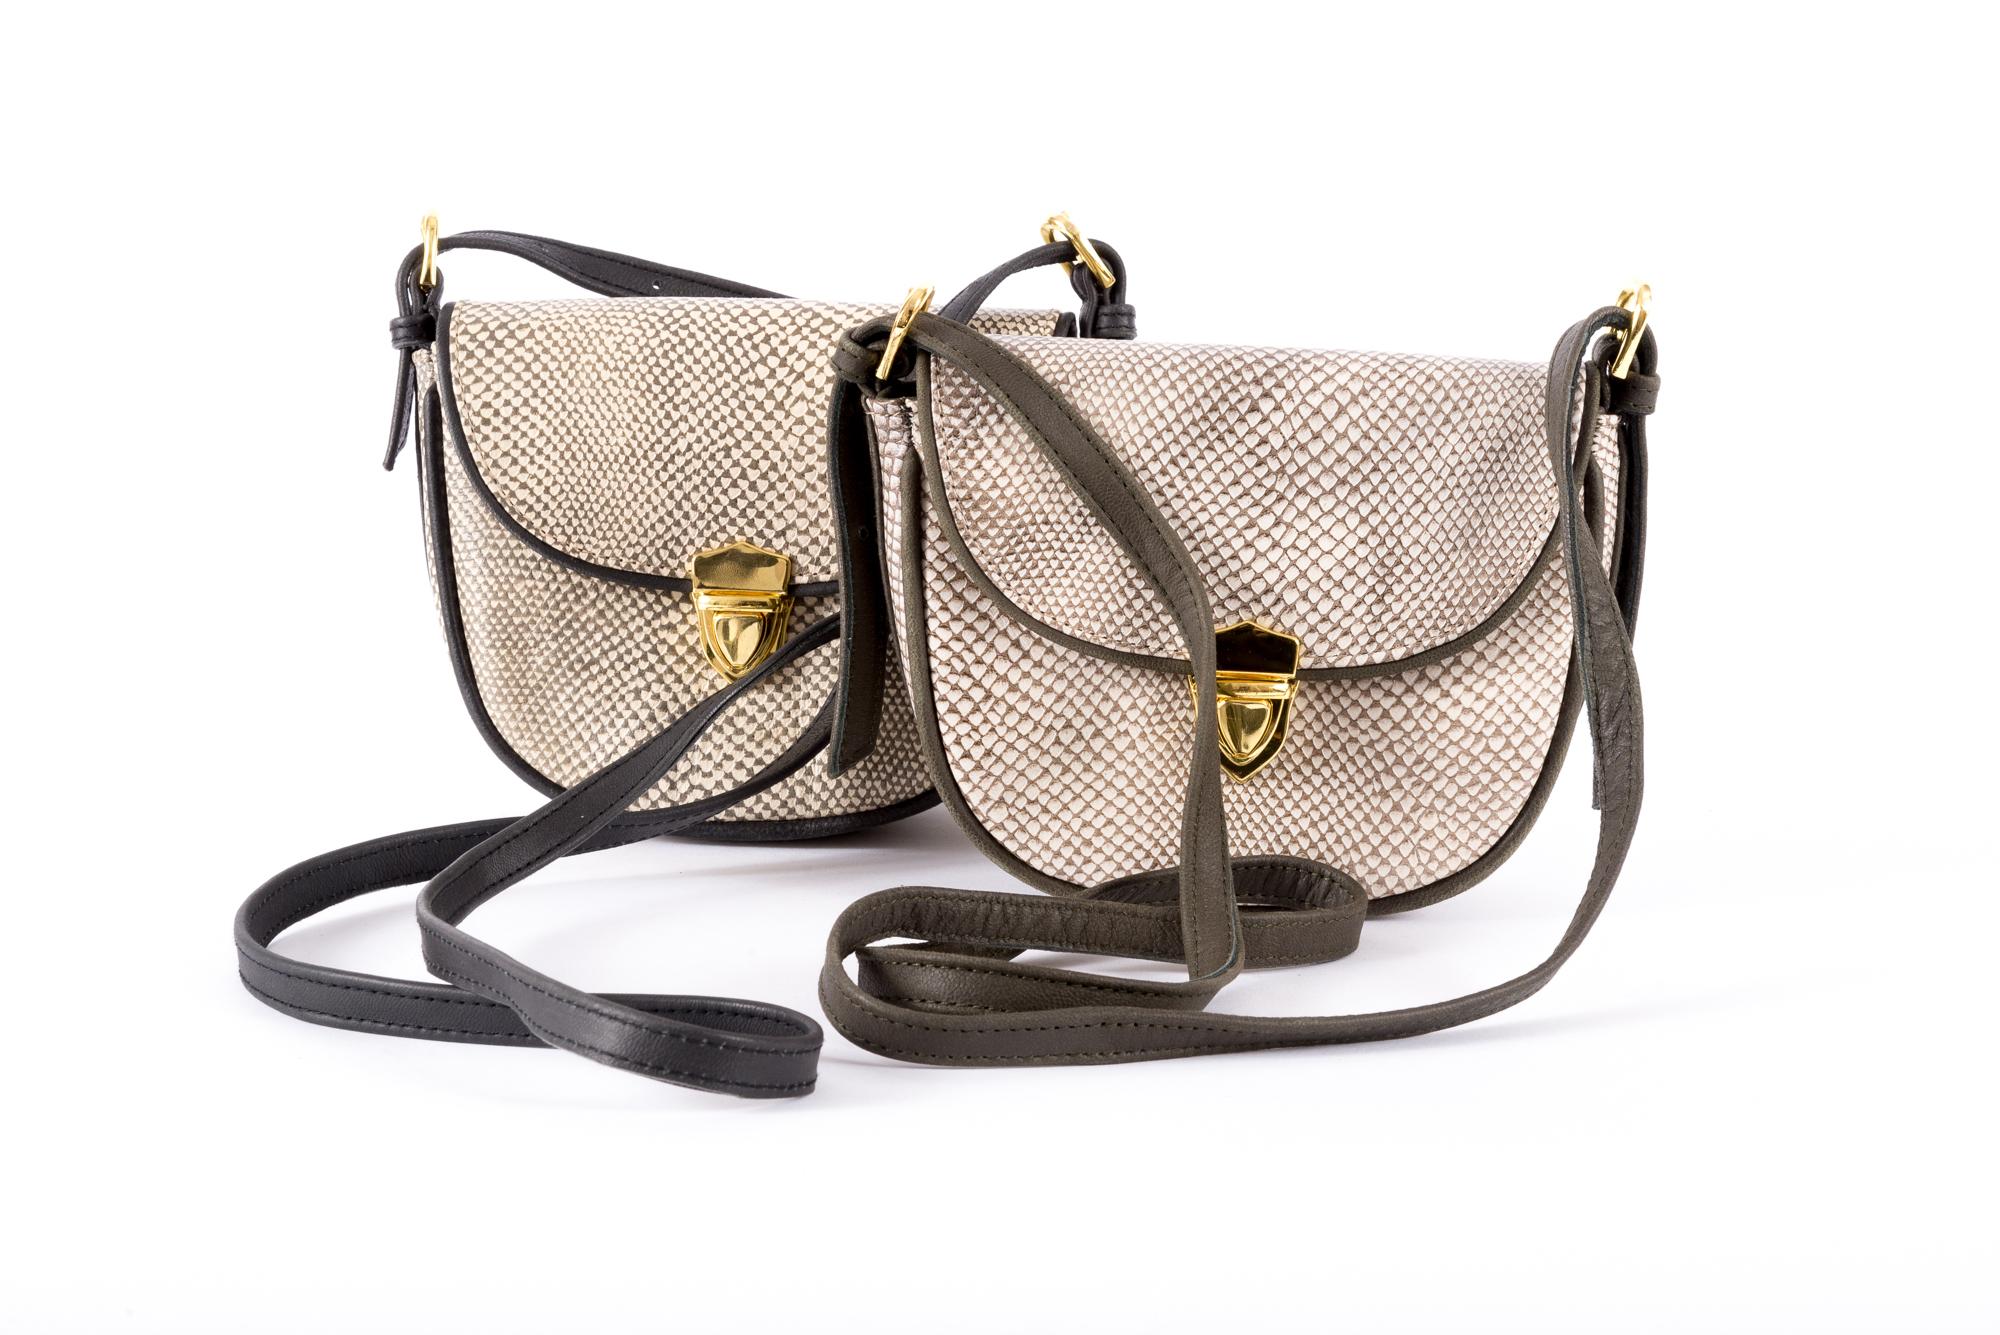 The Mini Saddlebag Collection -